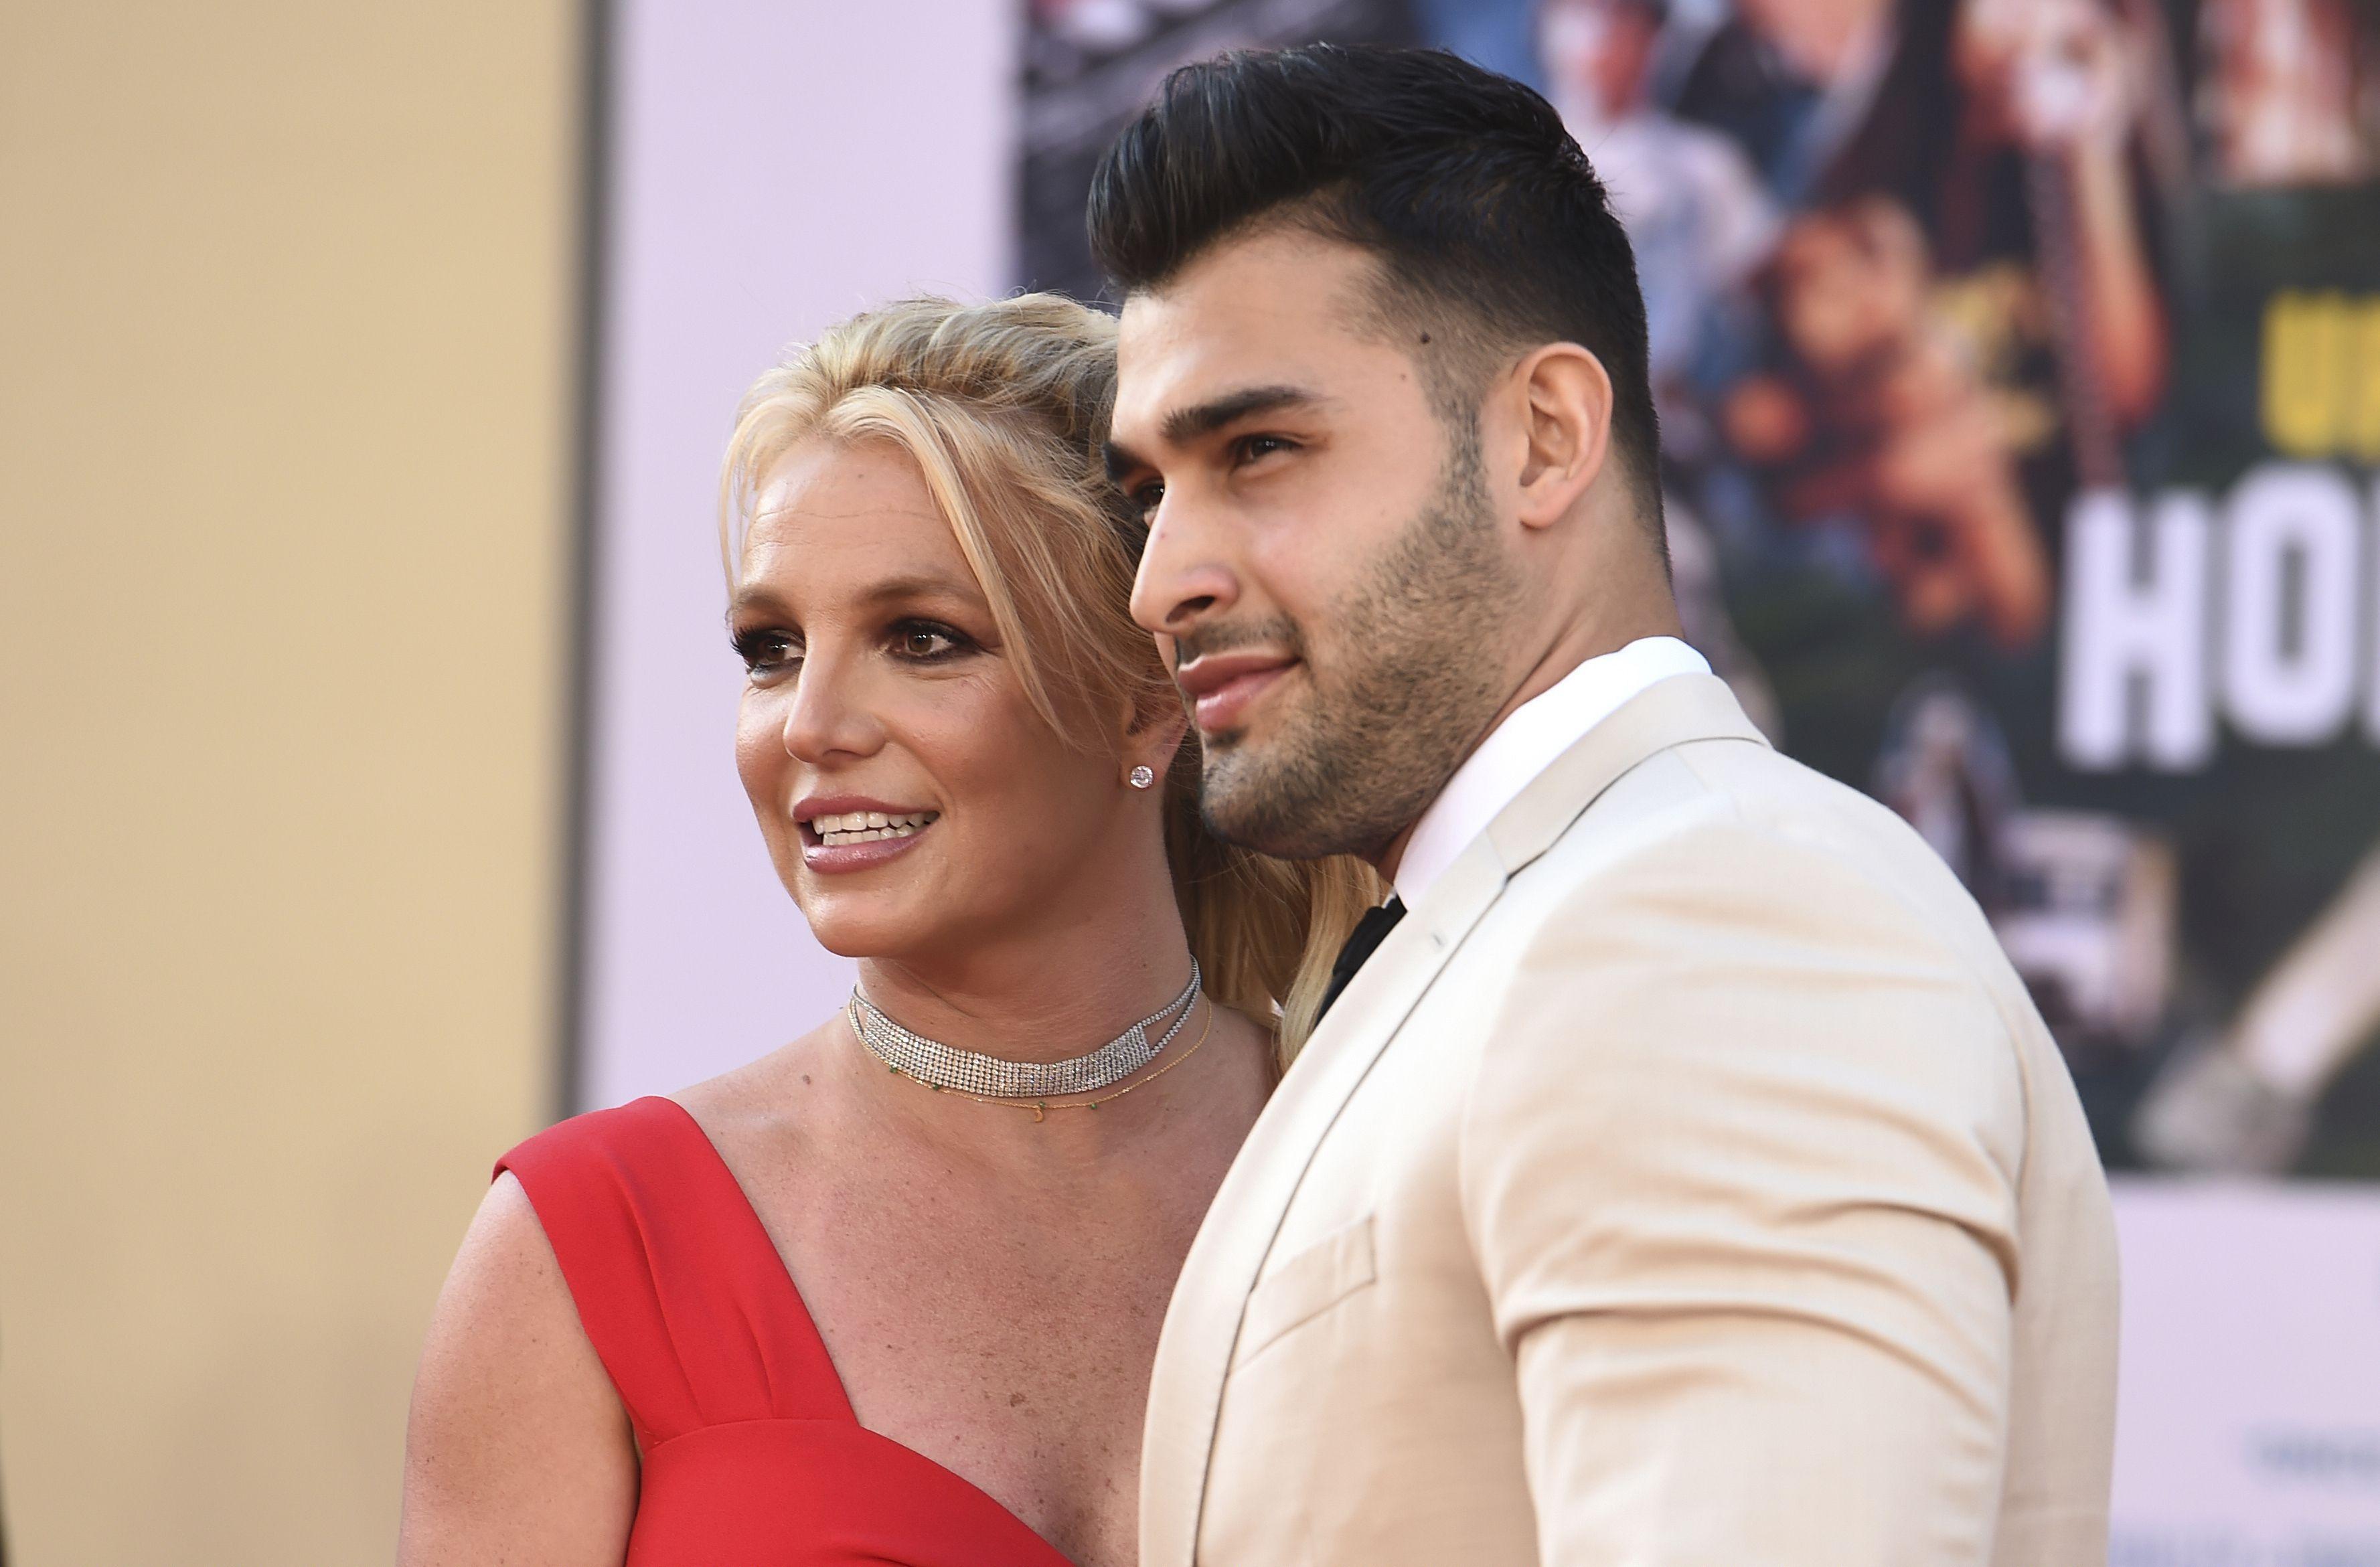 """Britney Spears y Sam Asghari llegan al estreno de """"Once Upon a Time in Hollywood"""" en el Teatro Chino de TCL en Los Ángeles el lunes 22 de julio de 2019. (Foto de Jordan Strauss/Invision/AP, Archivo)"""